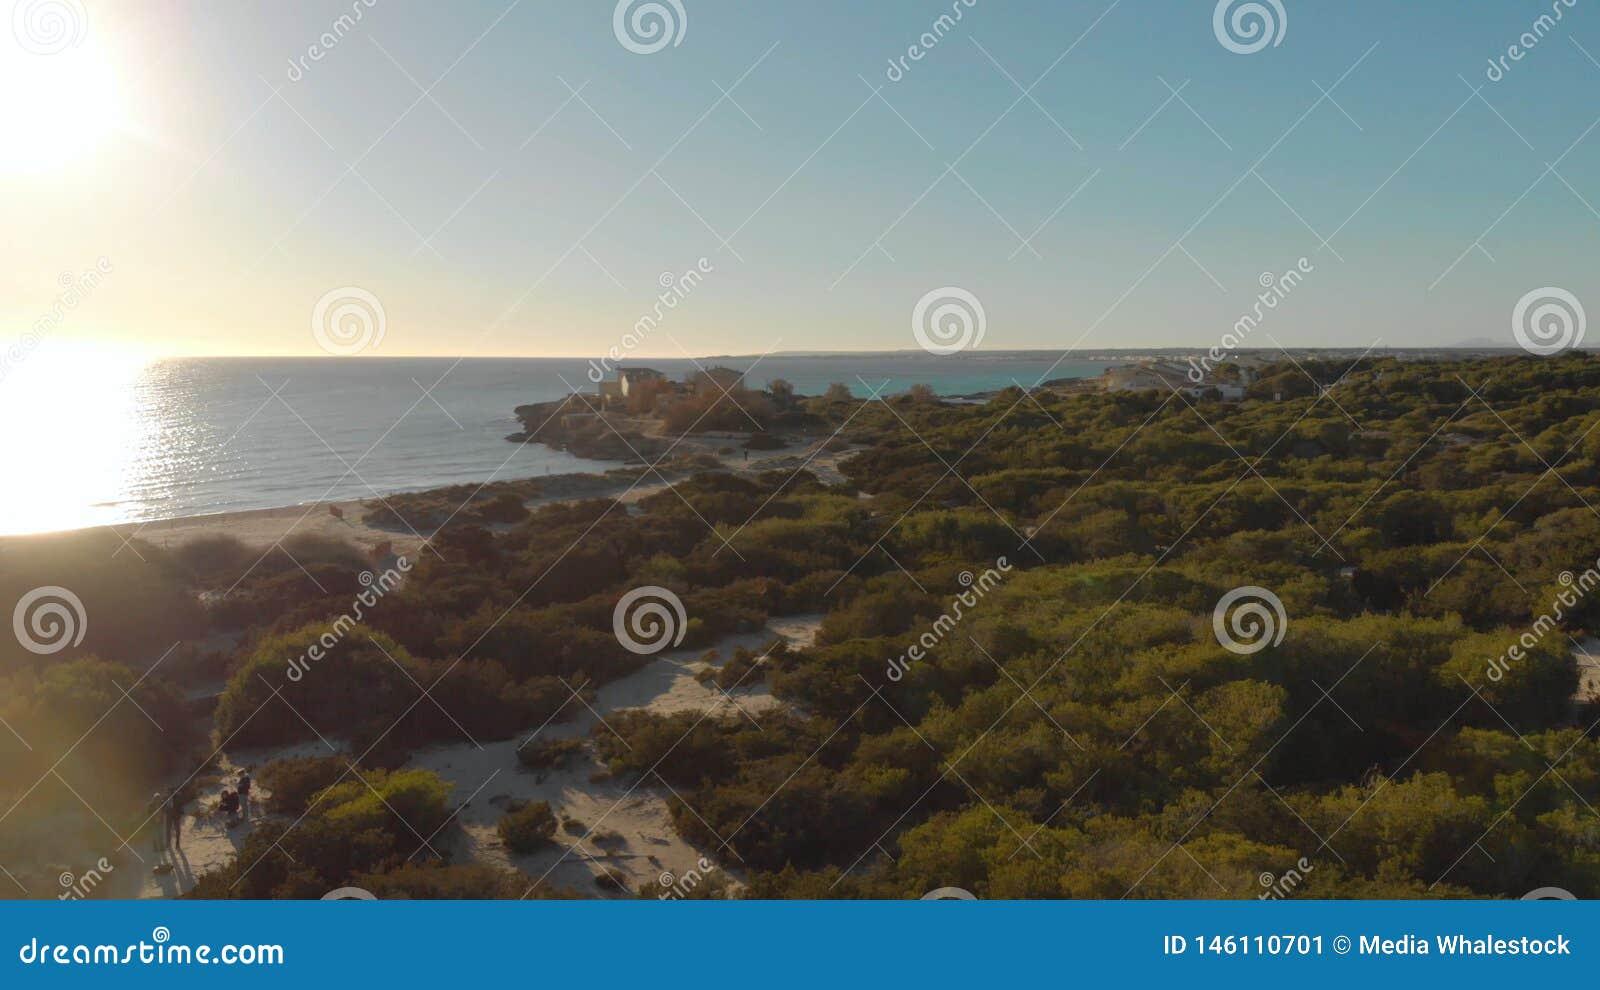 Θαμνώδης παραλία στο υπόβαθρο της θάλασσας και του μπλε ουρανού Τέχνη Τοπ άποψη της όμορφης παραλίας με τους πράσινους Μπους και